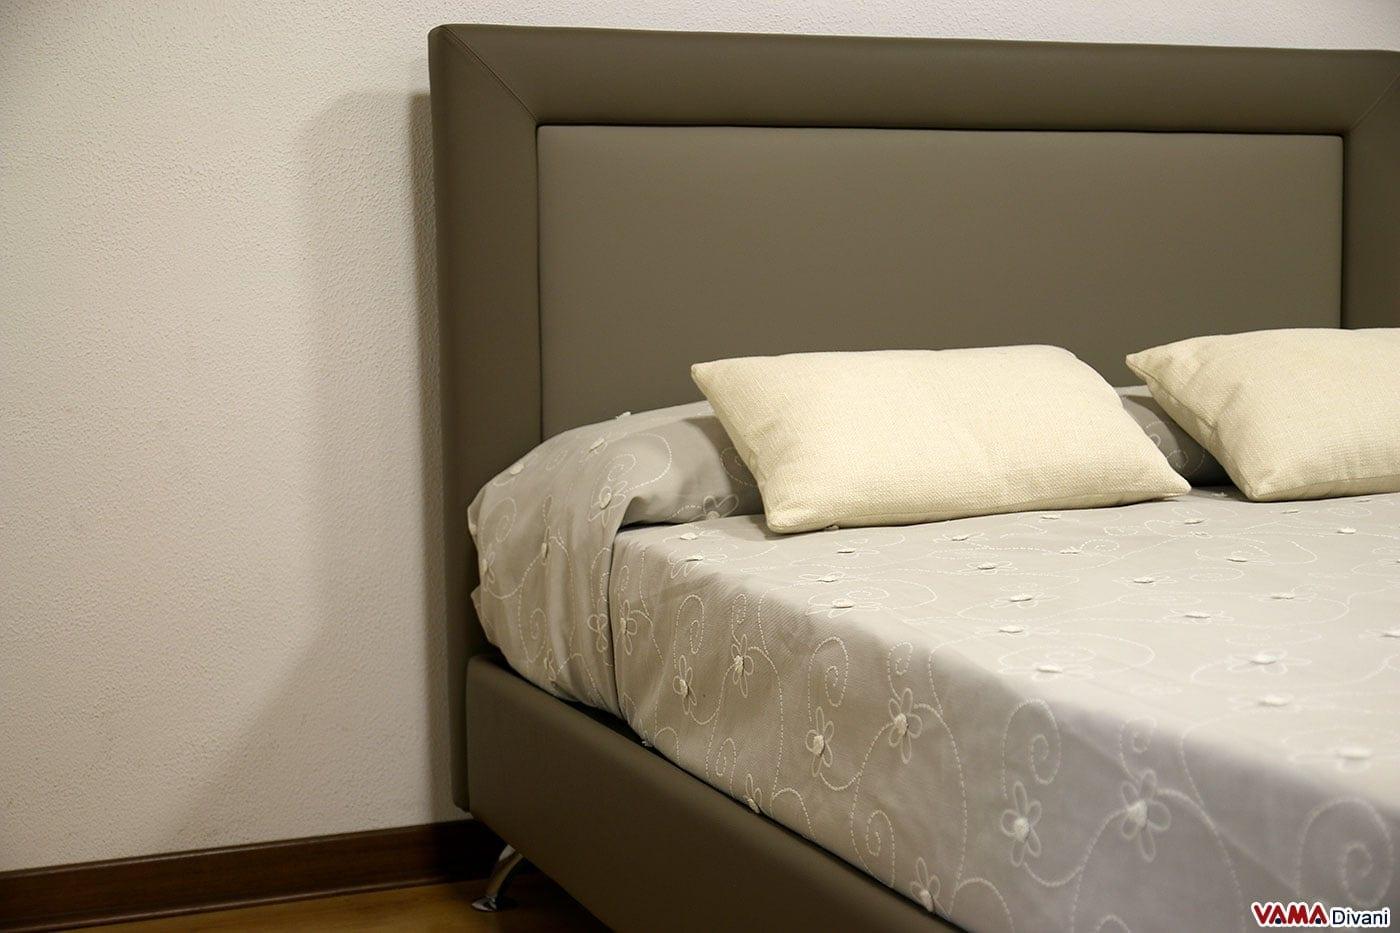 Letto matrimoniale moderno in pelle con piedini in acciaio - Dove comprare un letto matrimoniale ...